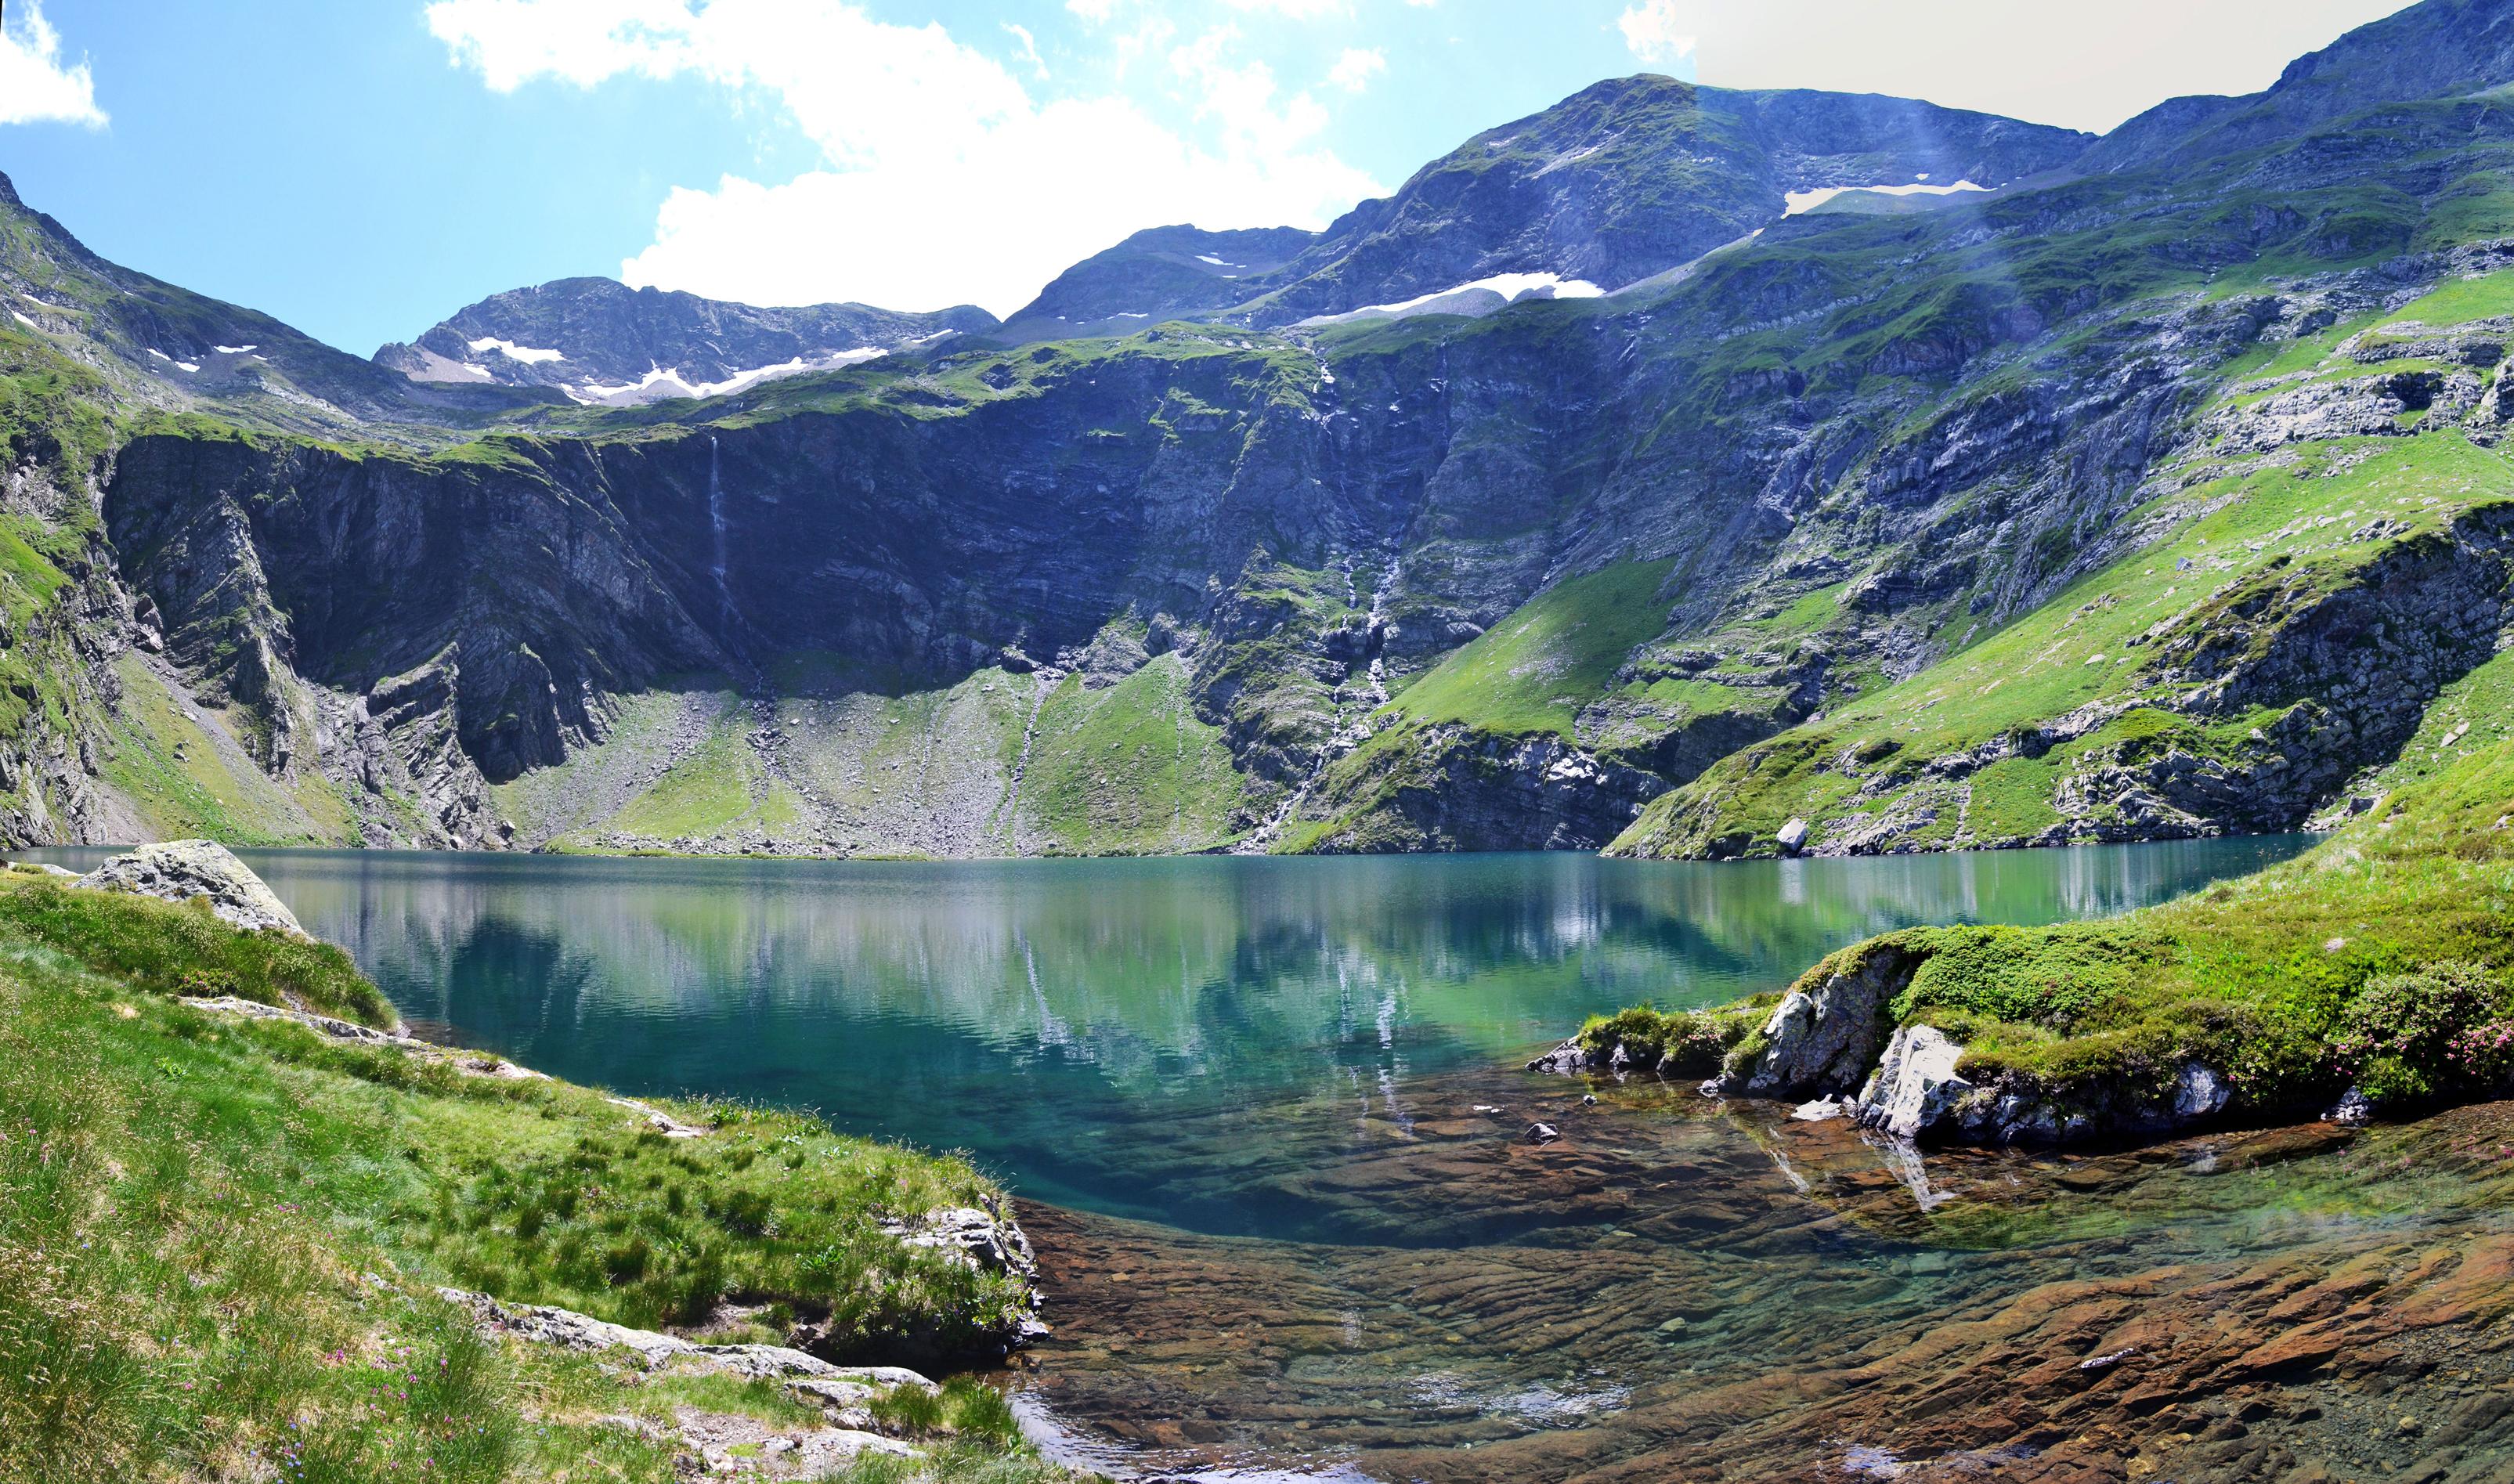 Картинка альп Италия Val Gardena гора Природа Озеро мха Альпы Горы Мох мхом